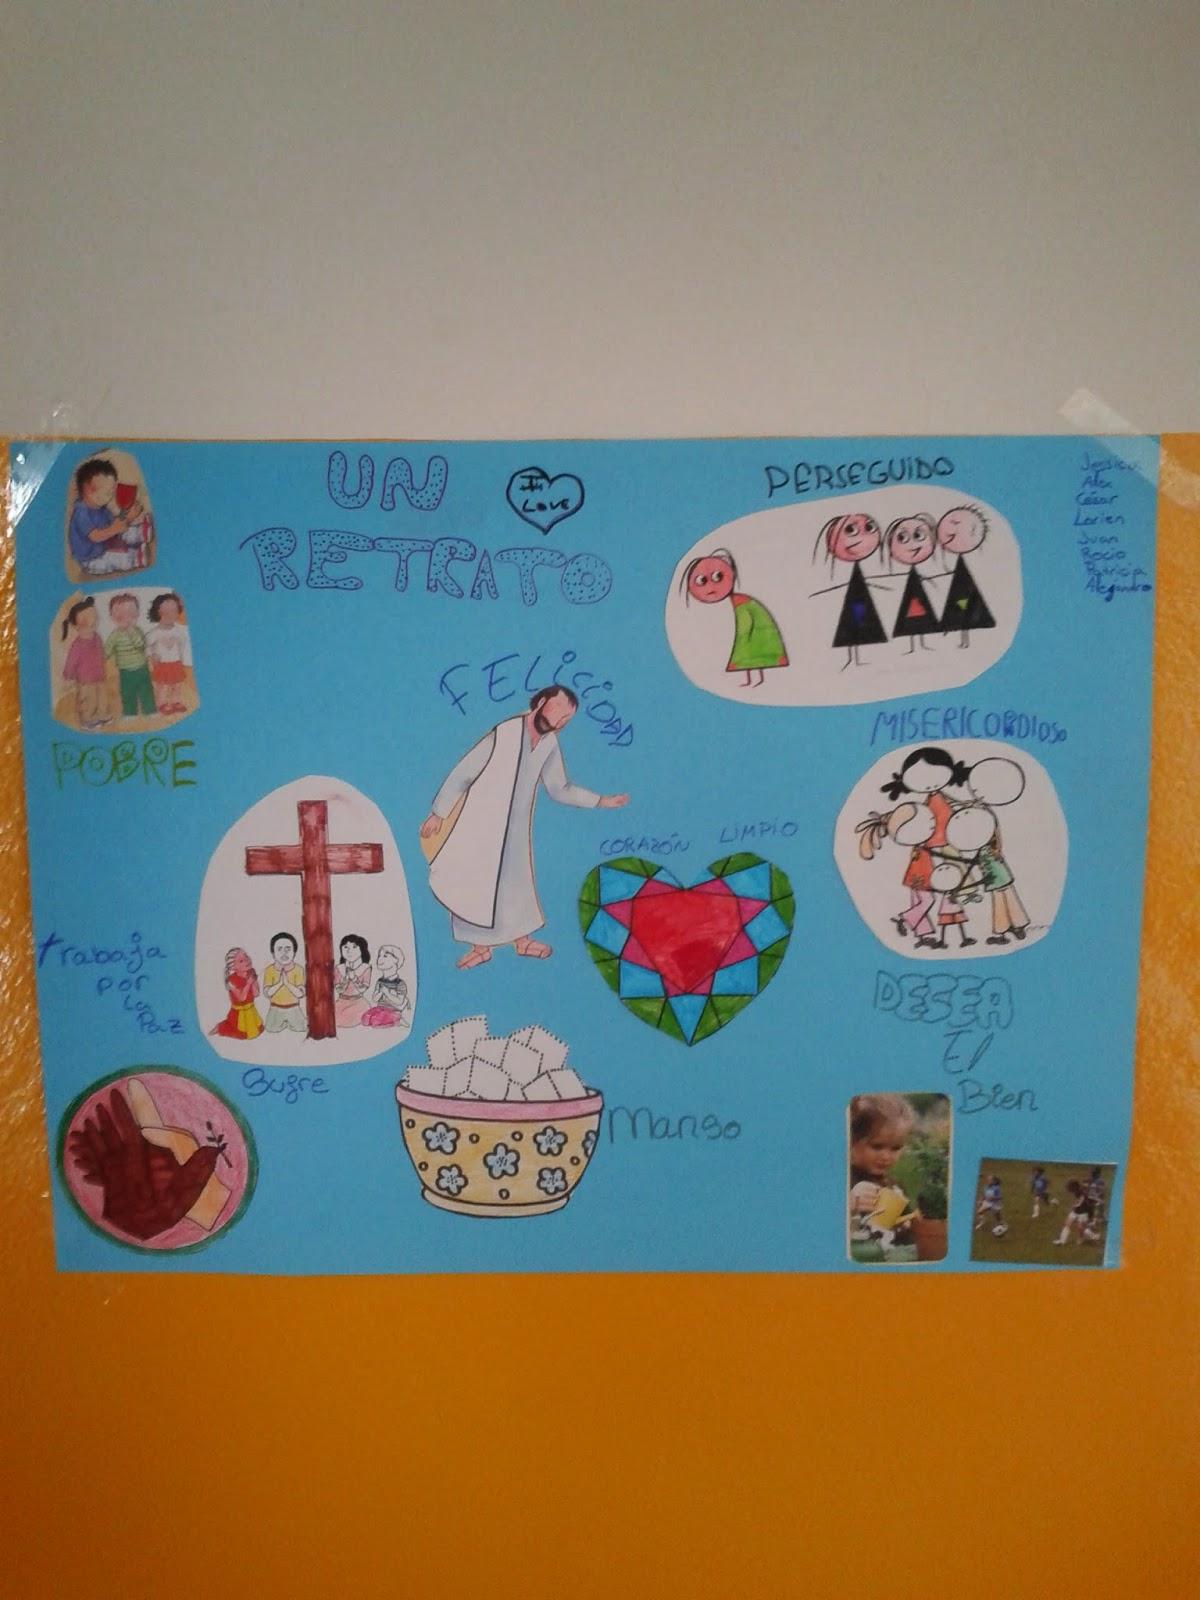 El blog de recolelicasa las bienaventuranzas en lumpiaque for Mural nuestra carne